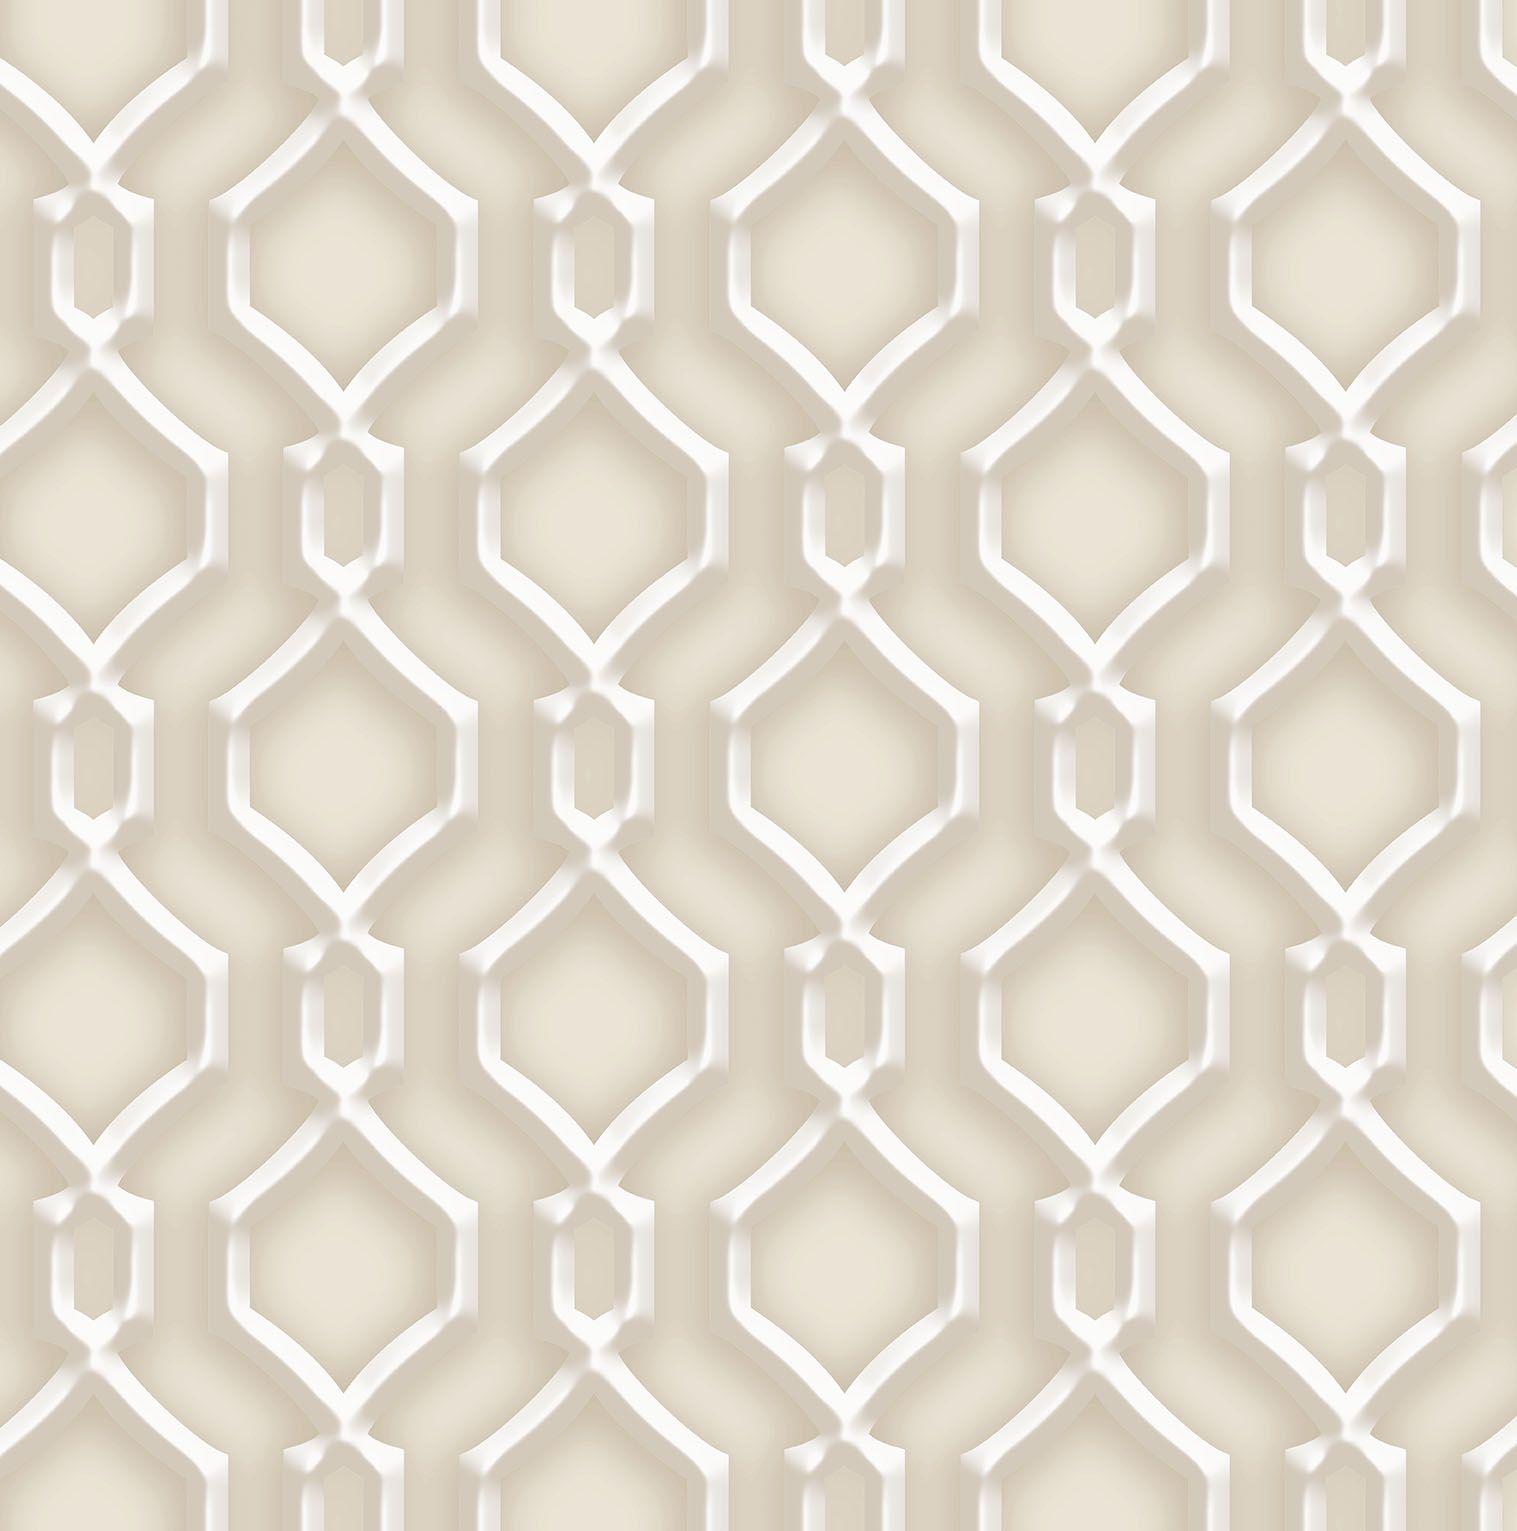 Papel de parede Bobinex Vinílico  Coleção Dimensões Geométrico Alhambra Marrom, Marfim